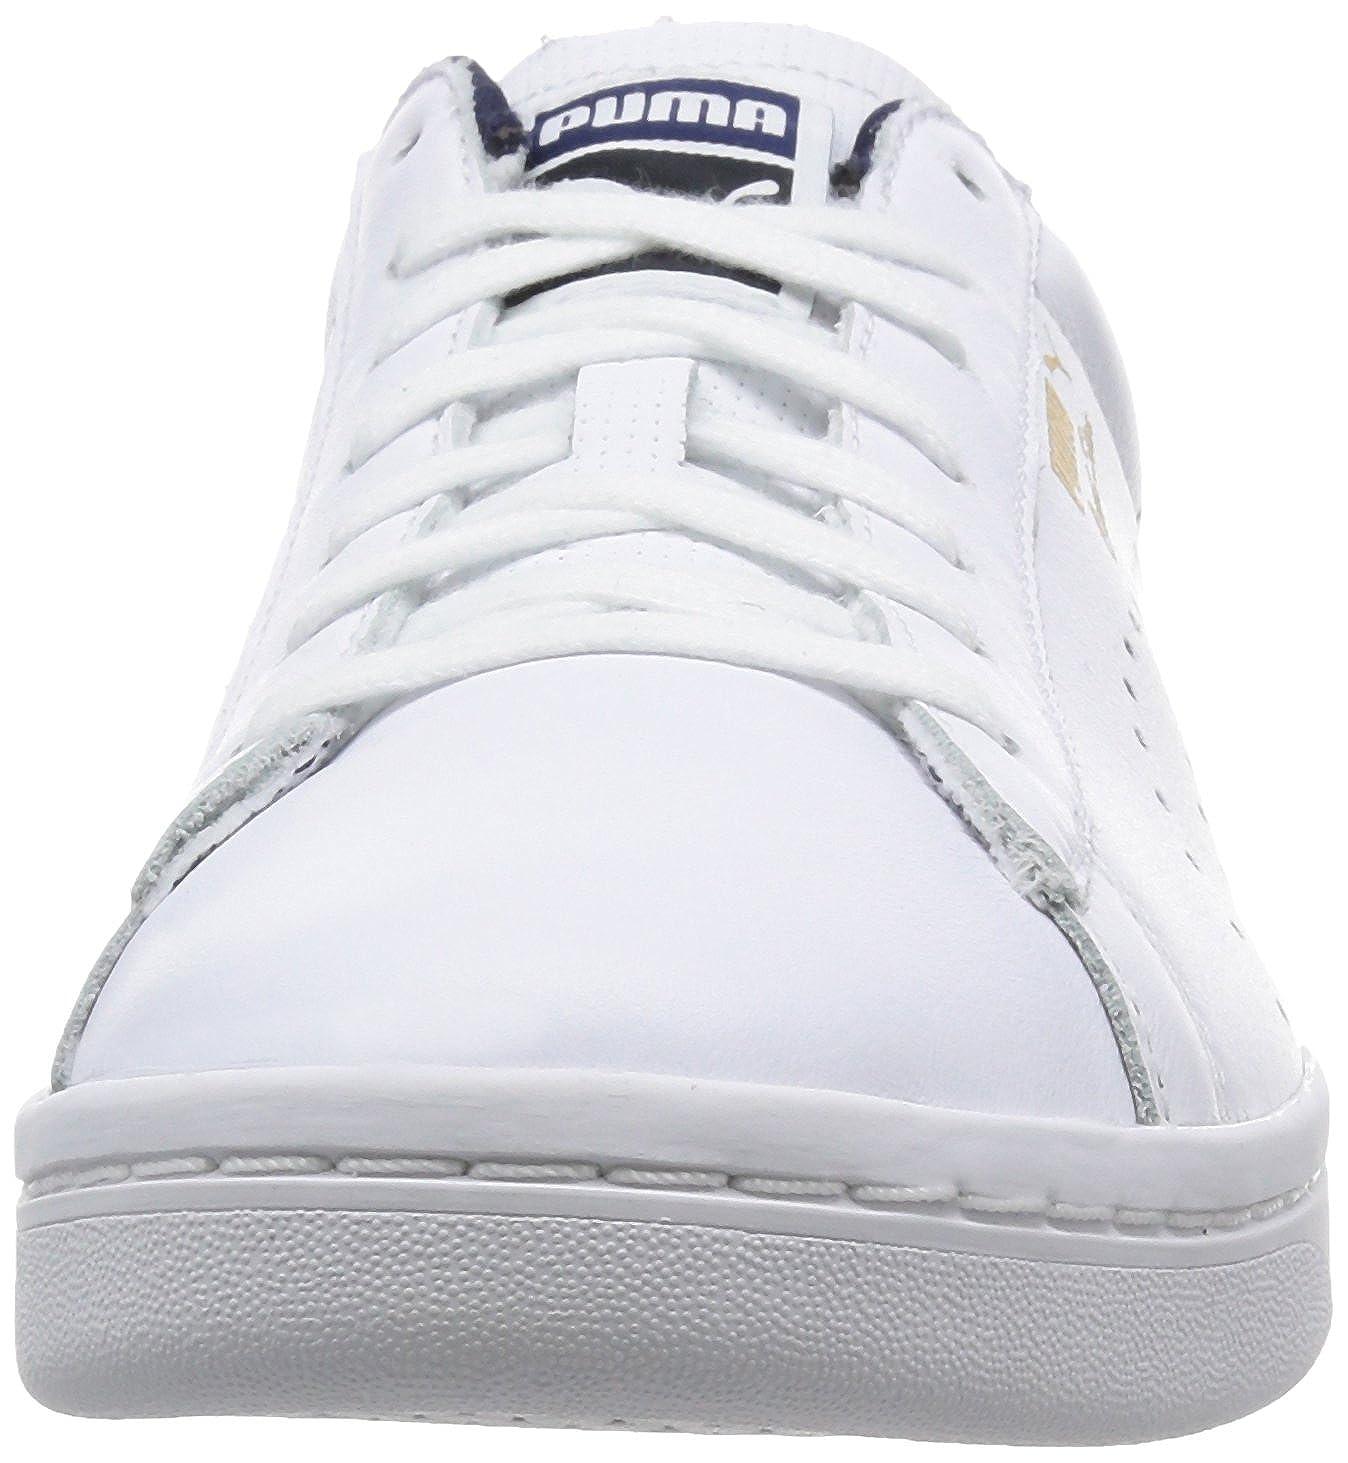 Puma Unisex-Erwachsene Unisex-Erwachsene Unisex-Erwachsene Court Star Crafted Turnschuhe Weiß-Weiß (Weiß Peacoat) 38 EU fef45e